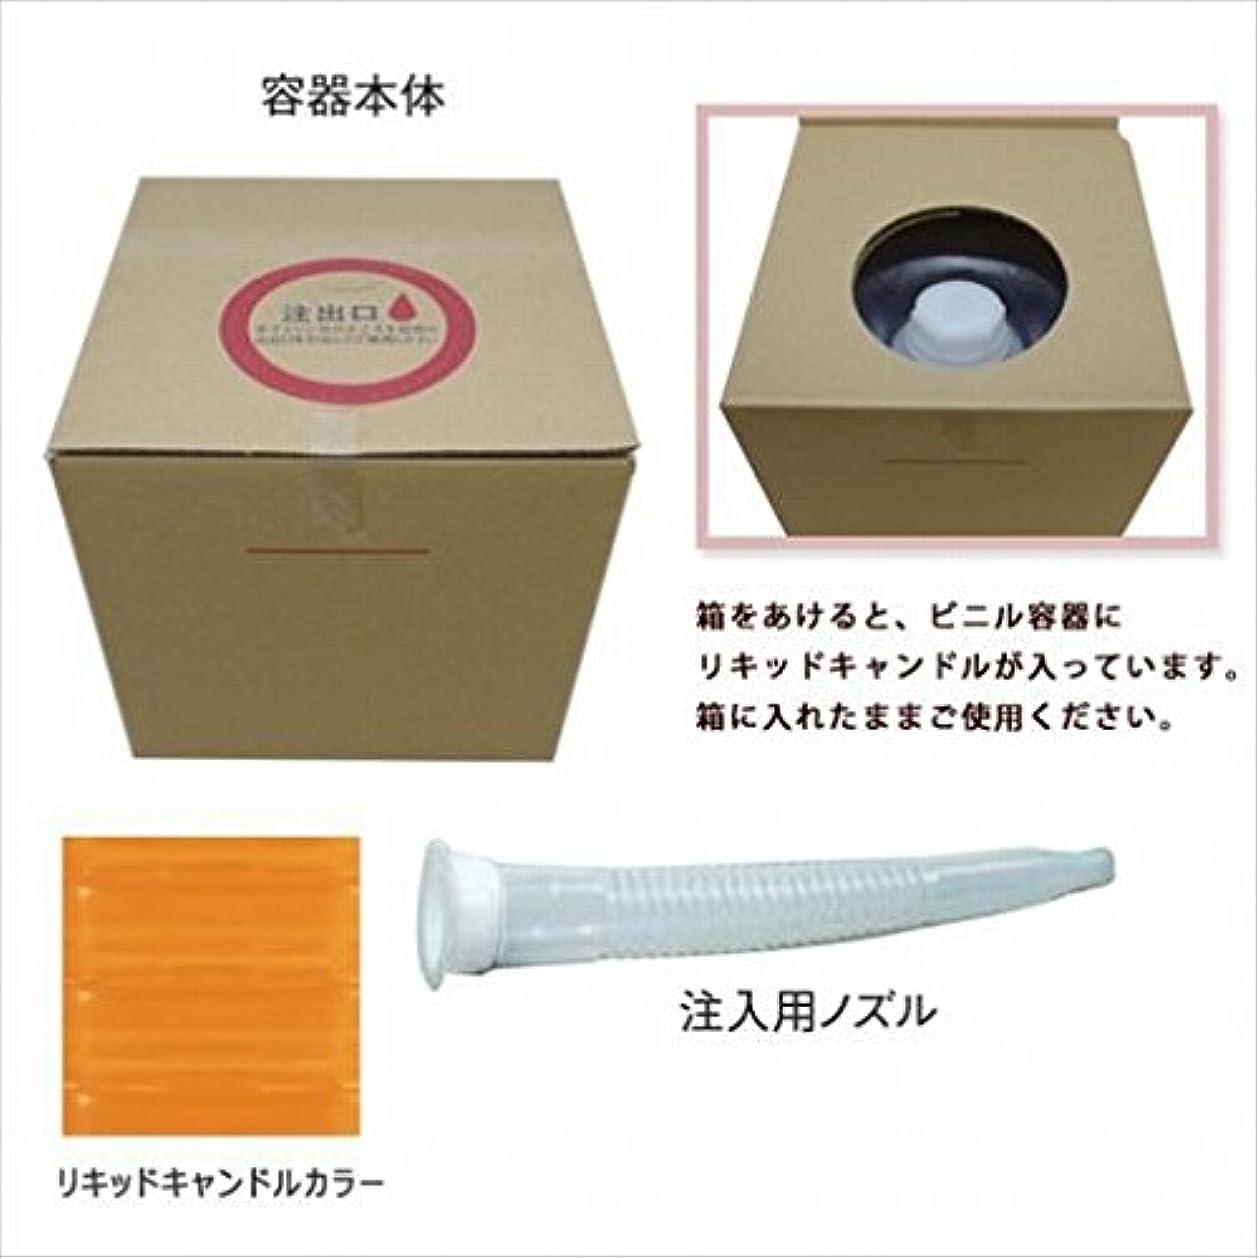 隣人ぬいぐるみバルクカメヤマキャンドル(kameyama candle) リキッドキャンドル5リットル 「 シャンパンゴールド 」